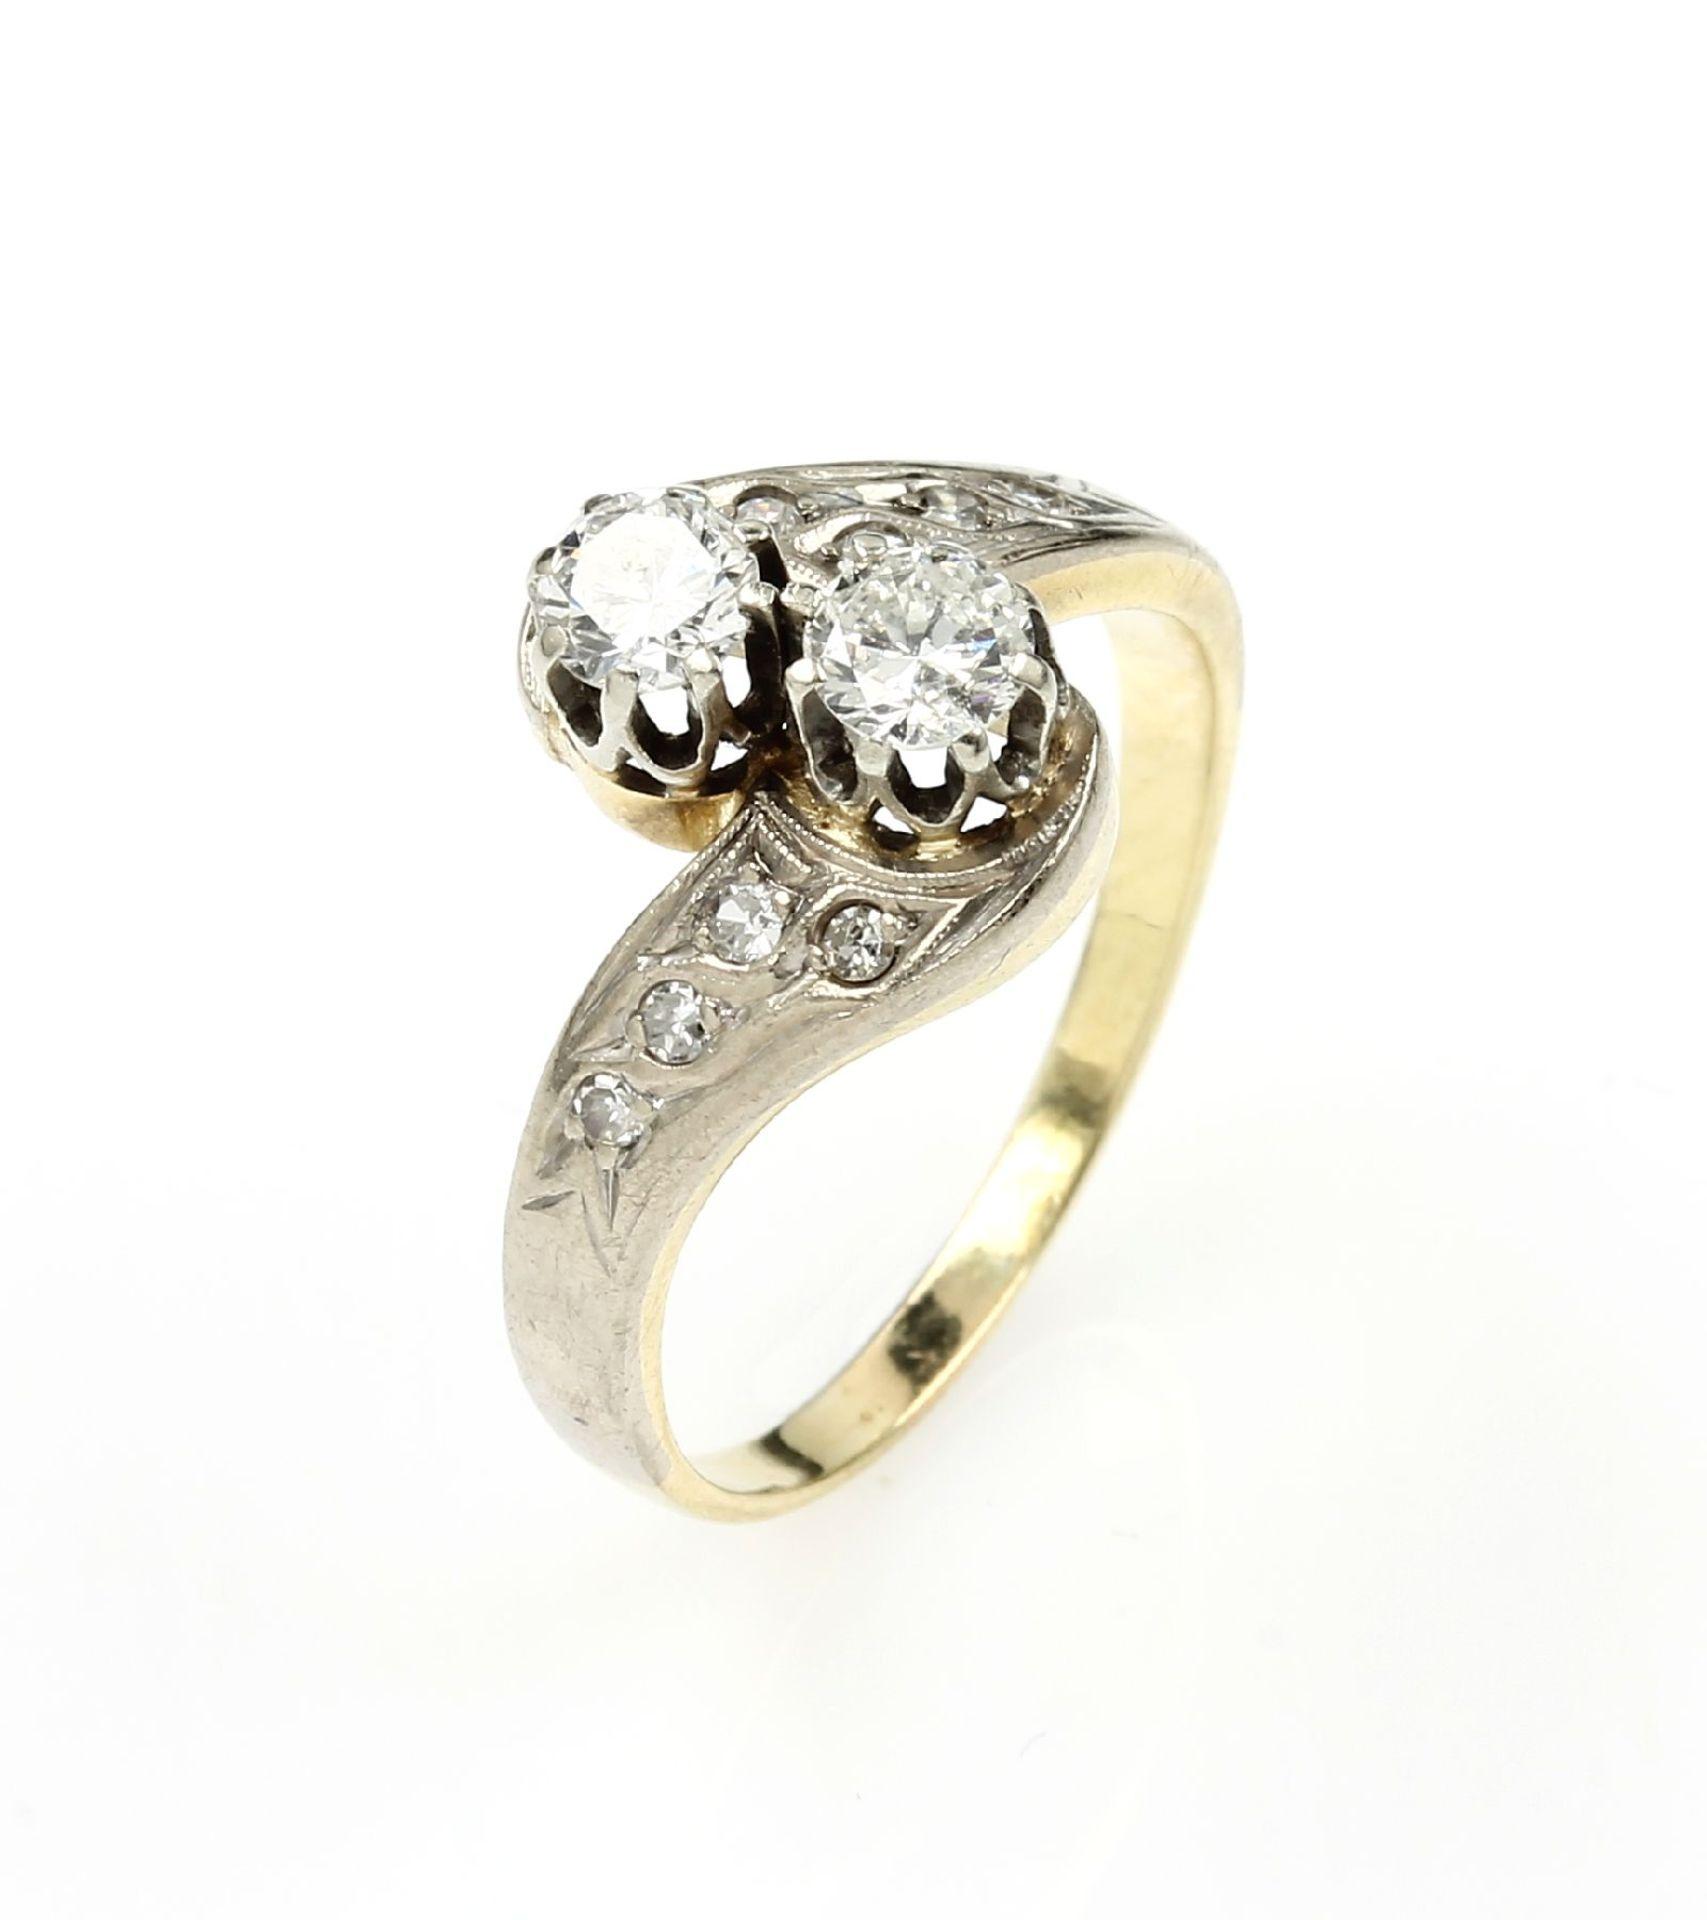 14 kt Gold Ring mit Diamanten, GG/WG 585/000, asymm. Ringschiene, 2 Brillanten zus.ca. 0.55 ct